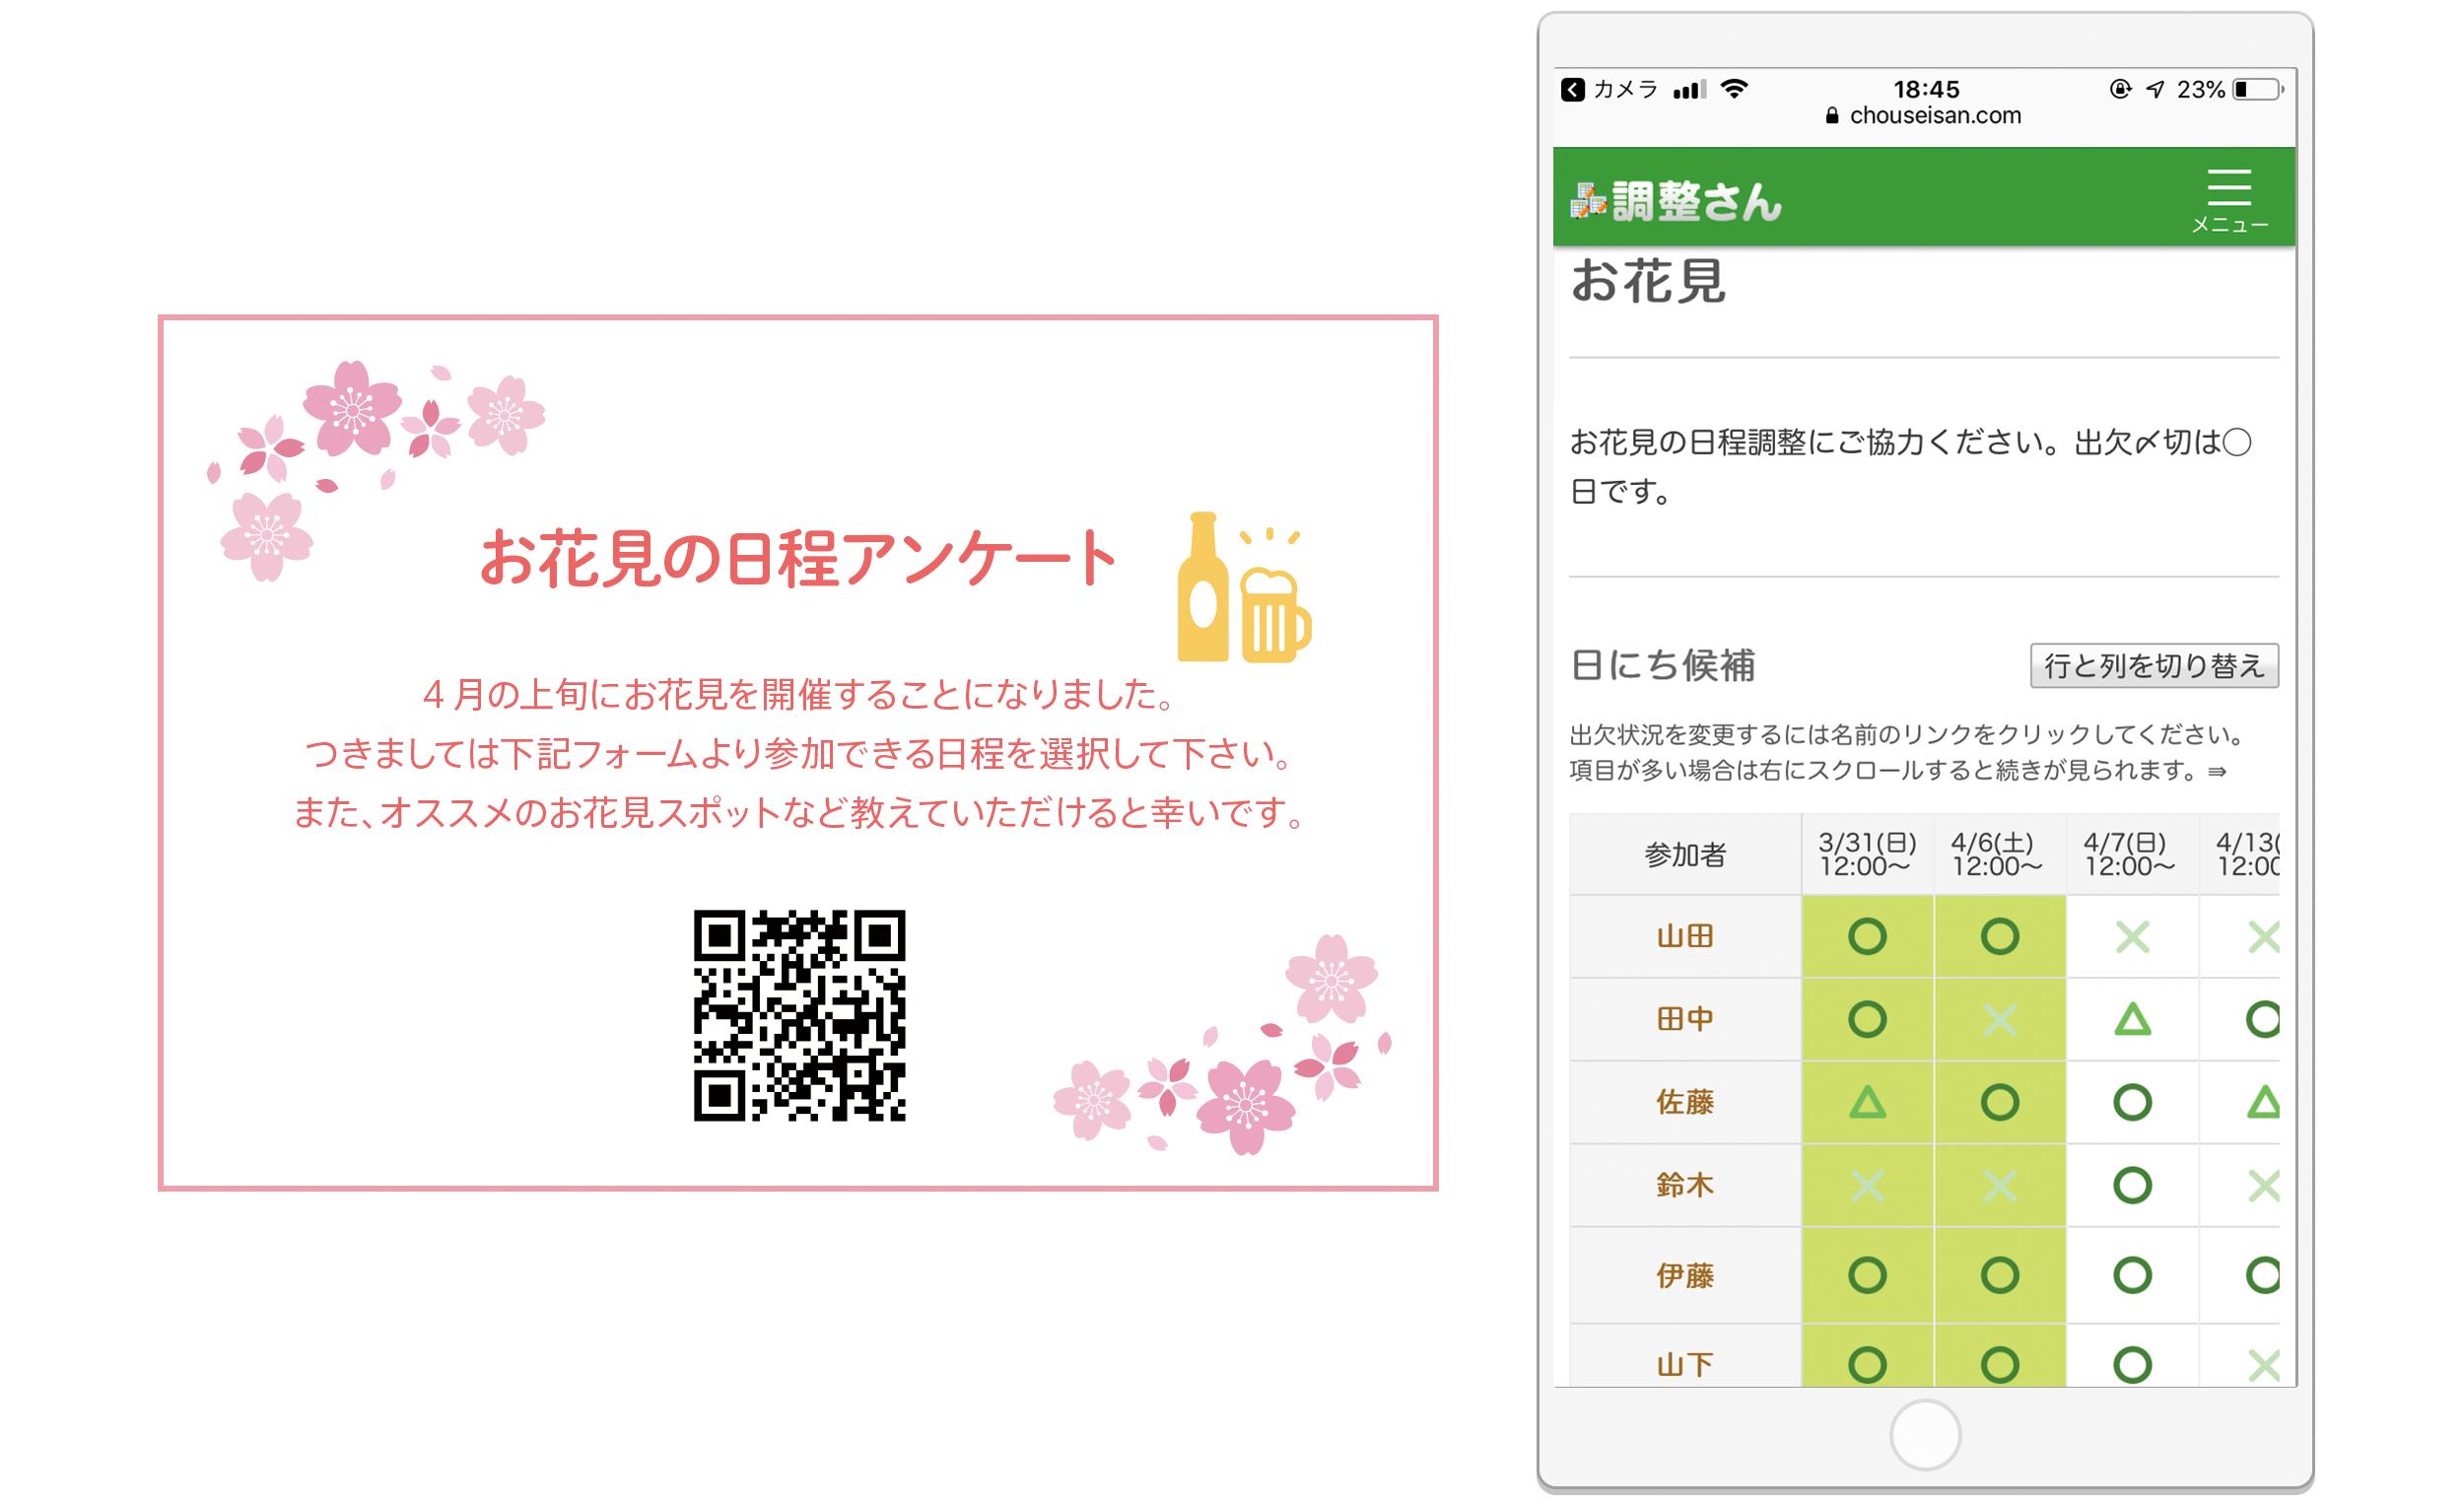 お花見の日程調整カードとQRコードの読み取りイメージ